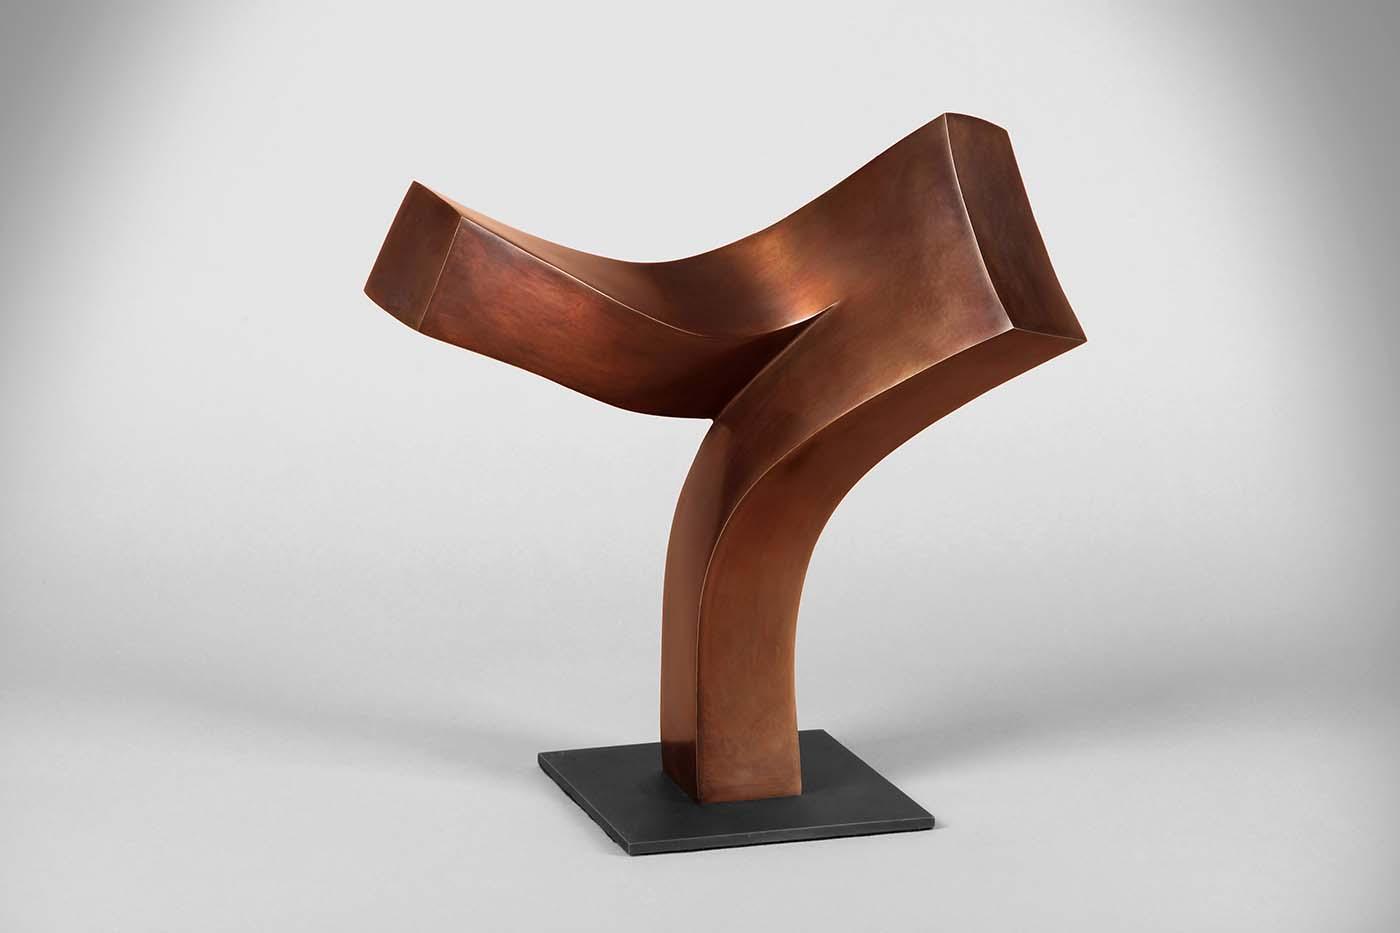 Balance (II), 2015, 35 x 31 x 16 cm